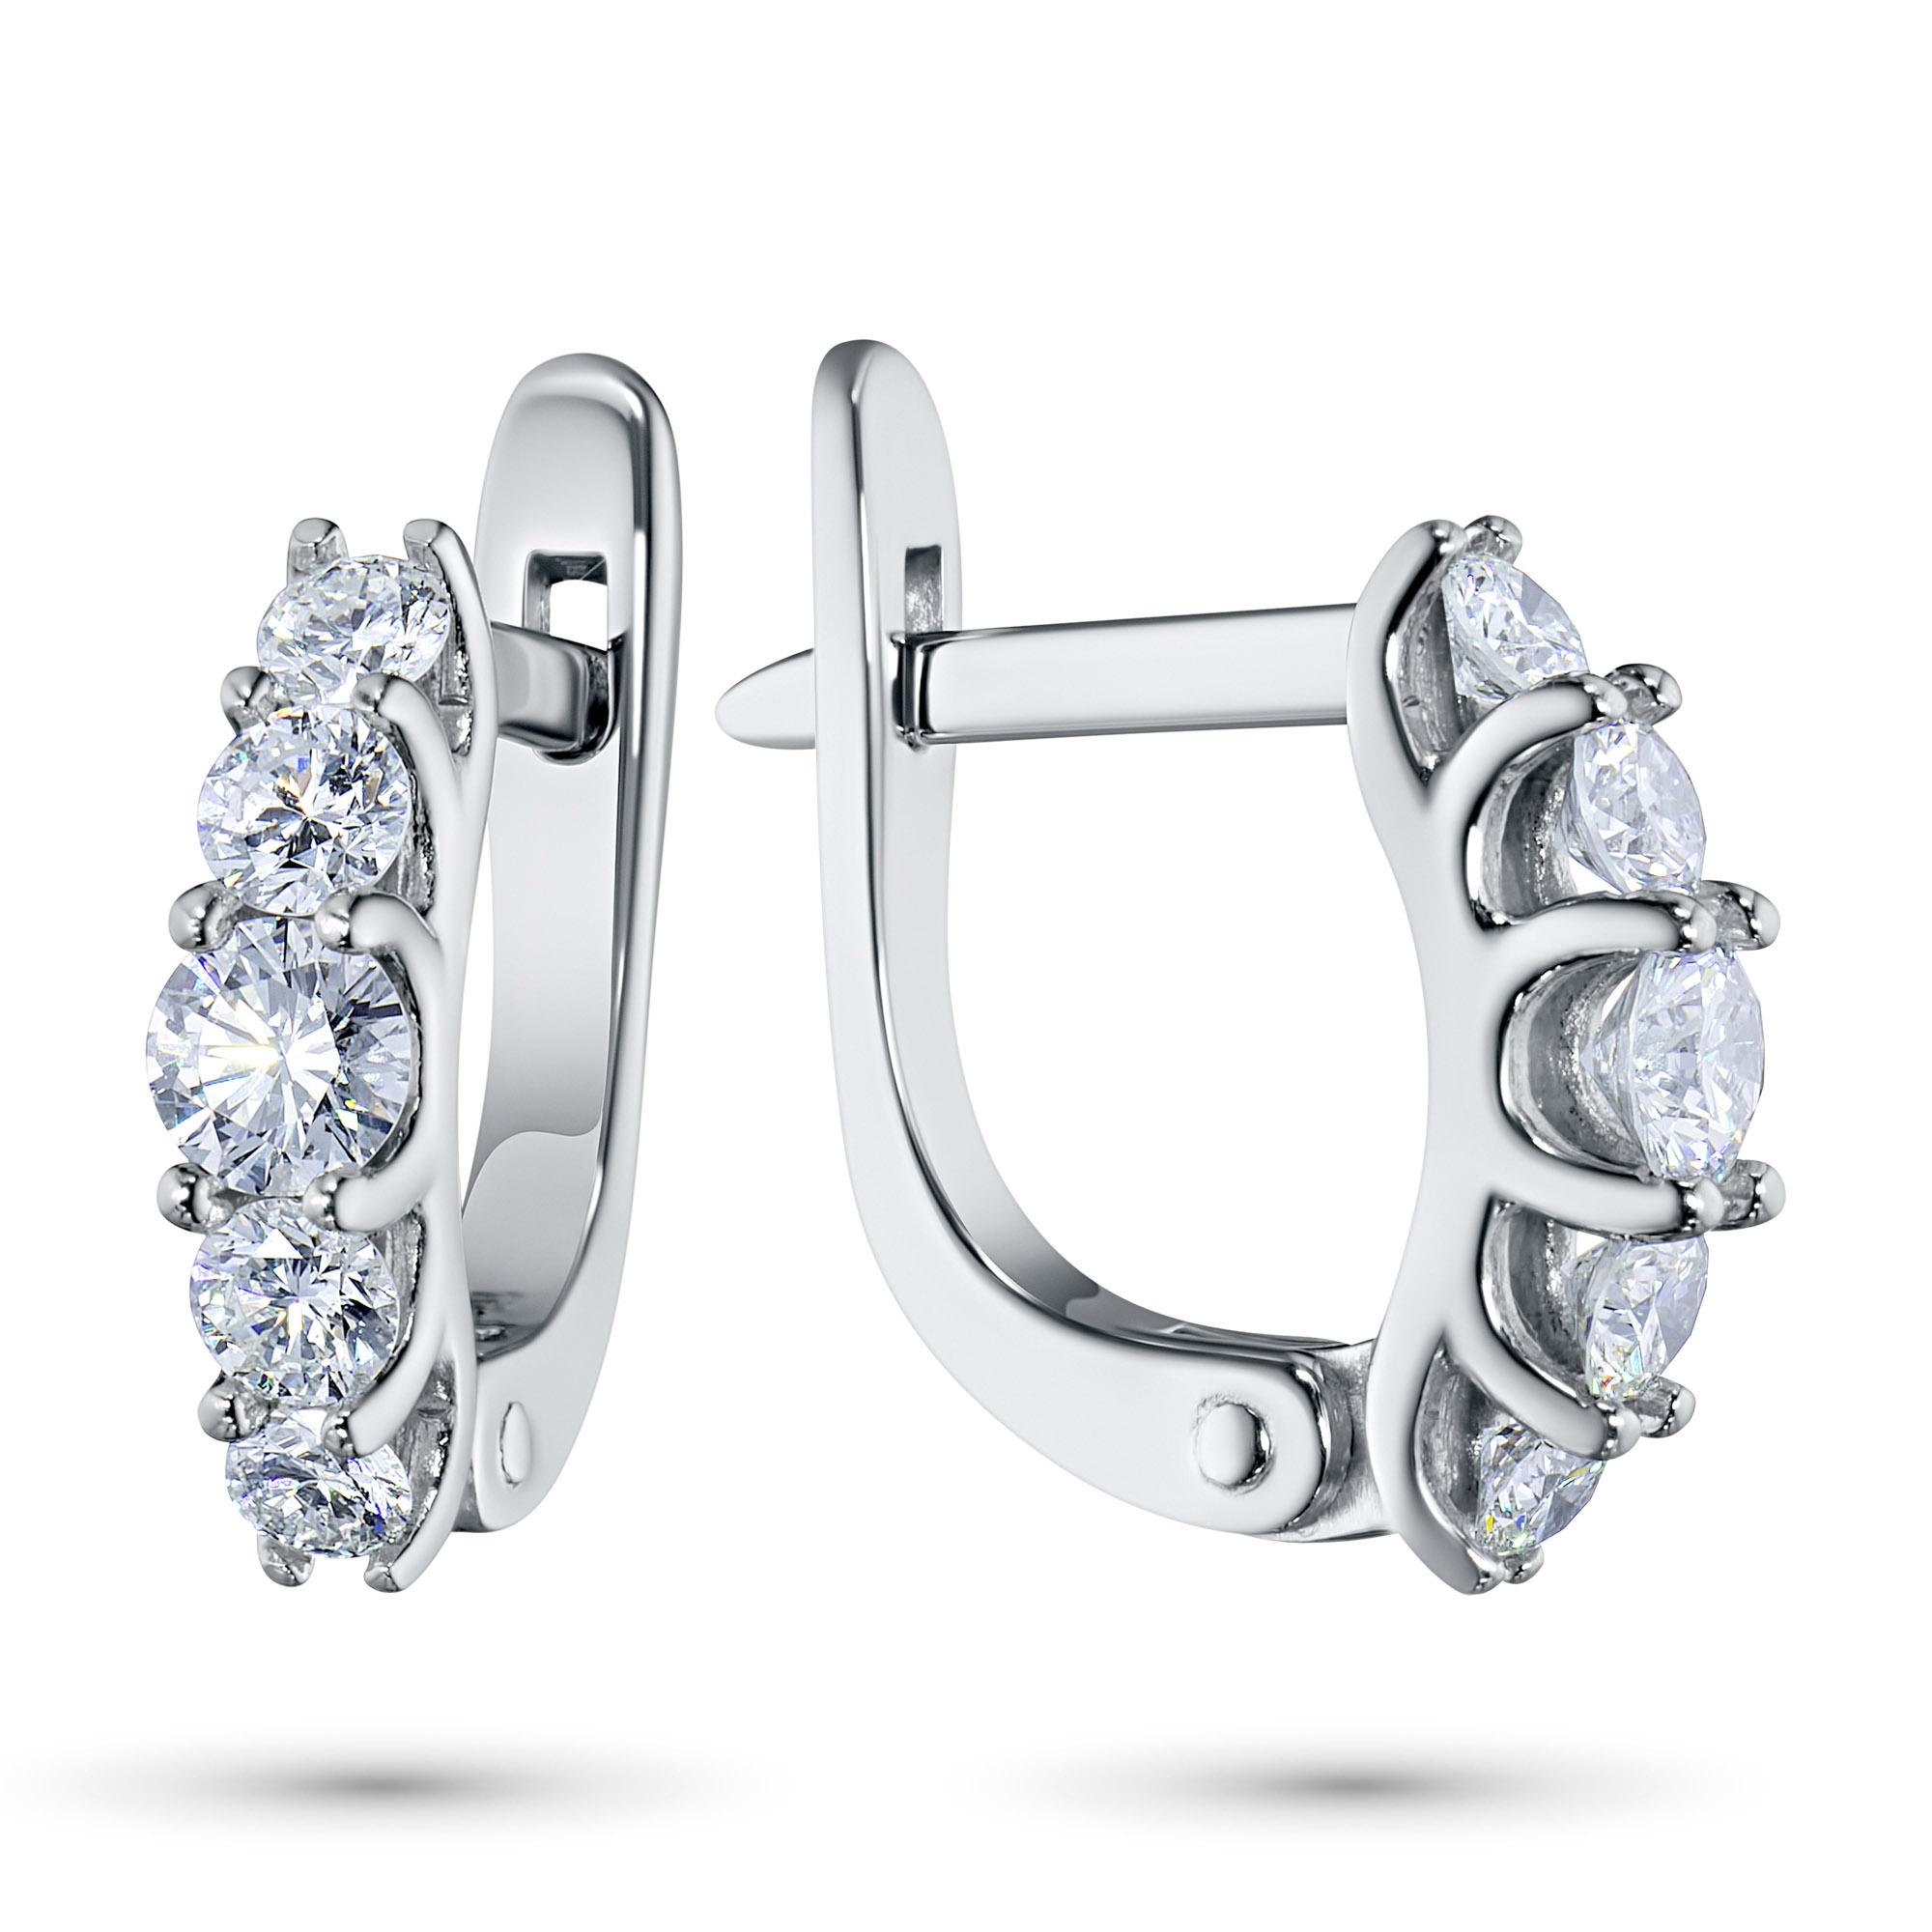 Серьги из белого золота с бриллиантами э0901сг04173400 э0901сг04173400